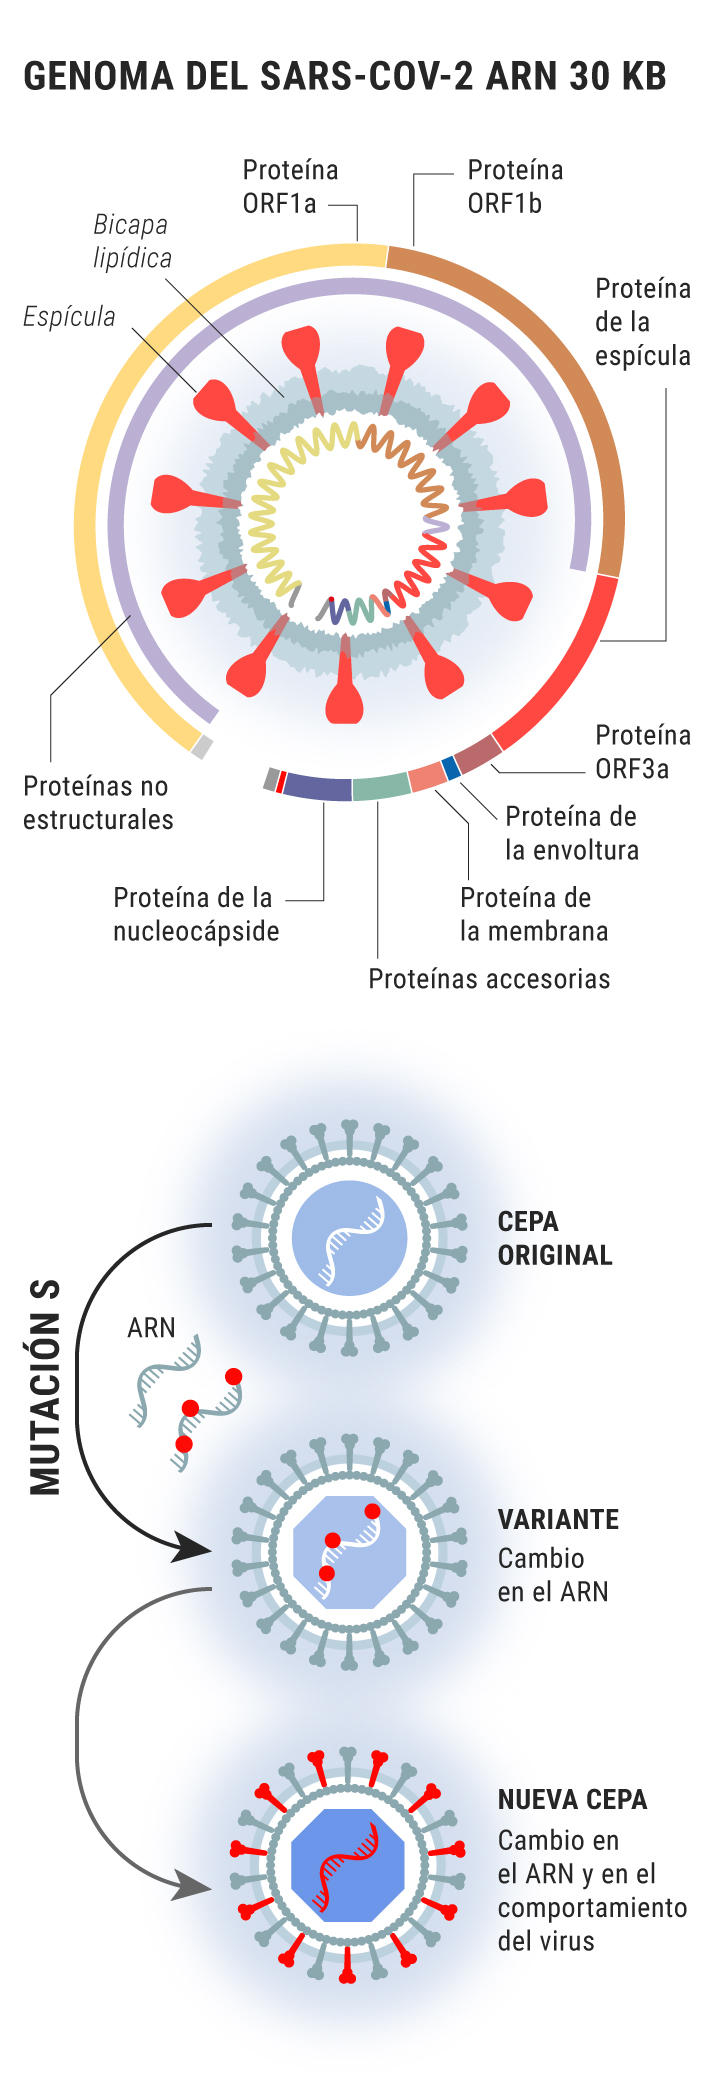 Gráfico sobre las mutaciones del SARS-CoV-2